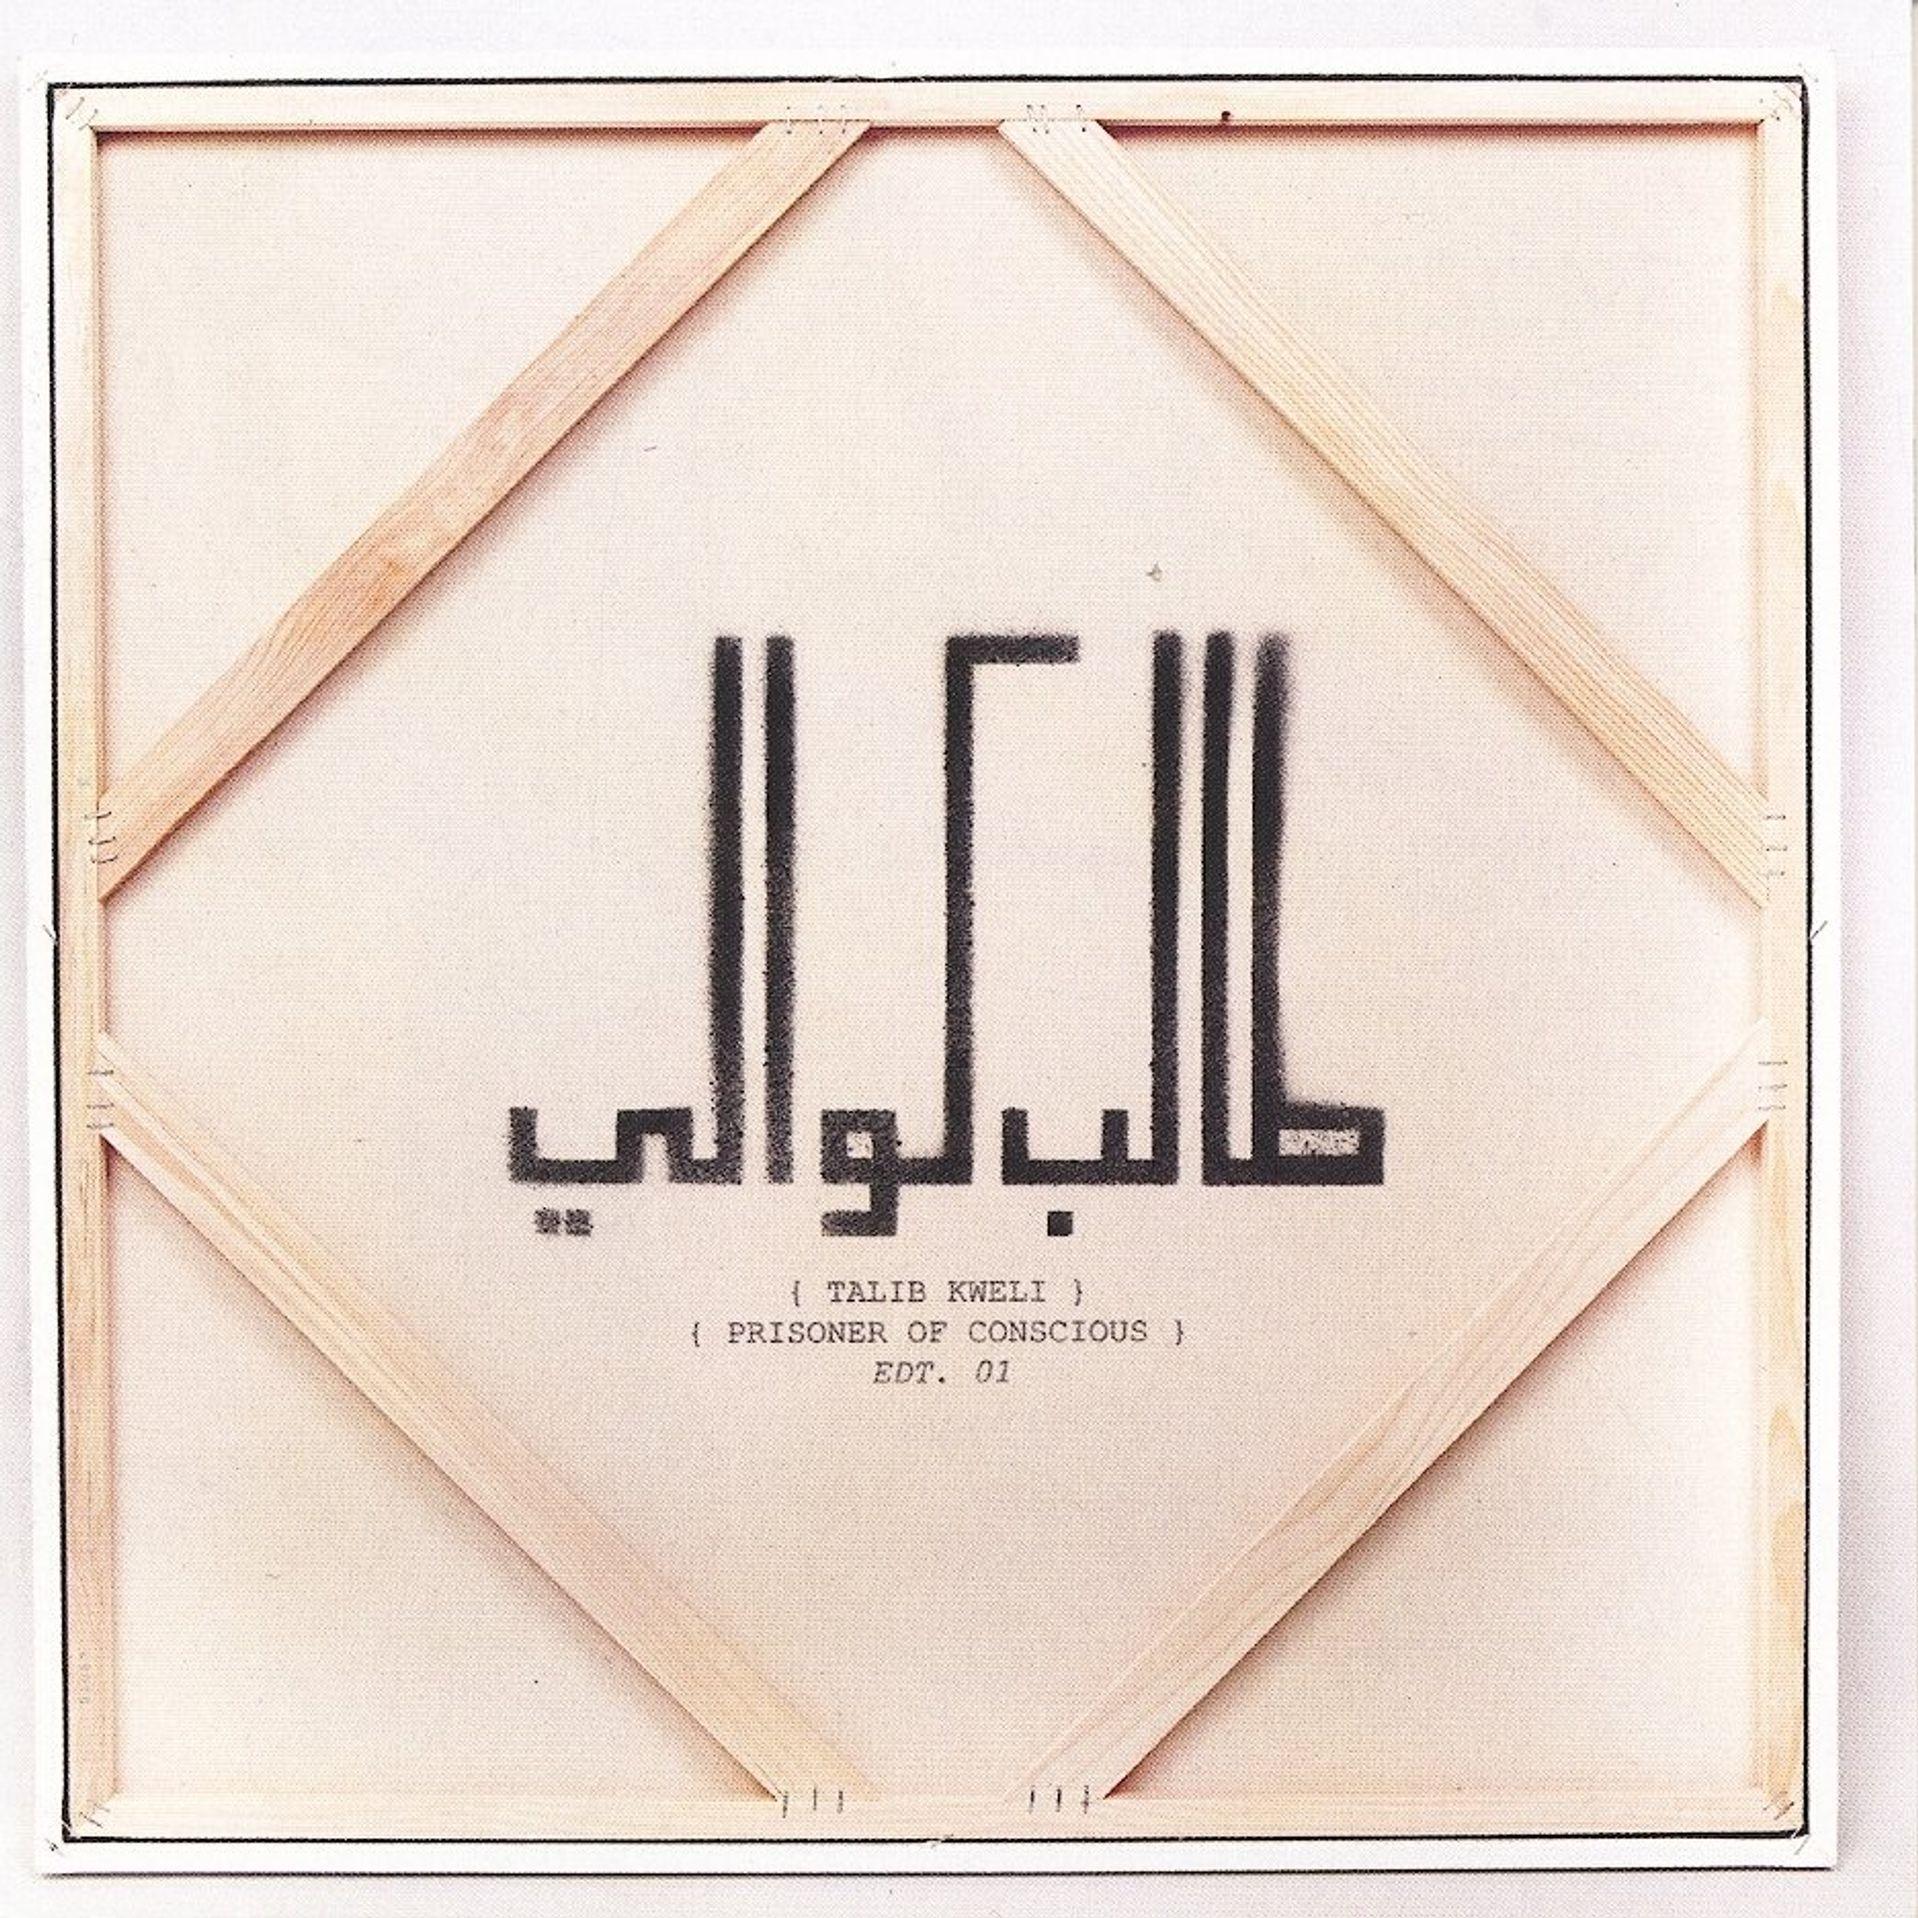 Album Title: Prisoner of Conscious by: Talib Kweli